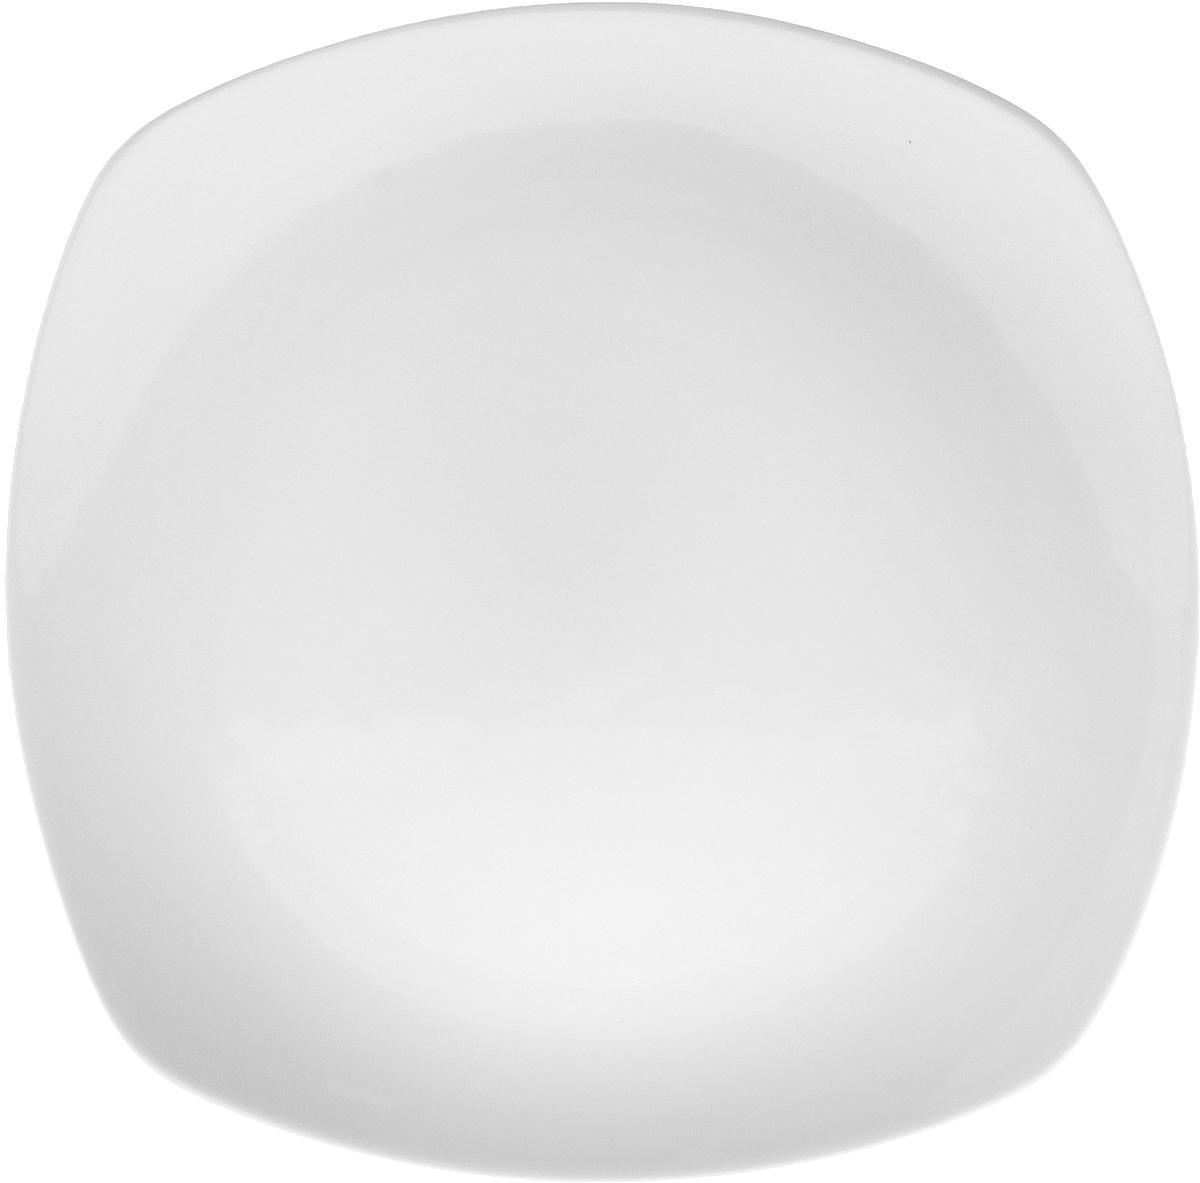 Тарелка Wilmax, 24,5 х 24,5 смWL-991002 / AТарелка Wilmax, изготовленная из высококачественного фарфора, имеет квадратную форму. Оригинальный дизайн придется по вкусу и ценителям классики, и тем, кто предпочитает утонченность и изысканность. Тарелка Wilmax идеально подойдет для сервировки стола и станет отличным подарком к любому празднику. Размер тарелки: 24,5 х 24,5 см.